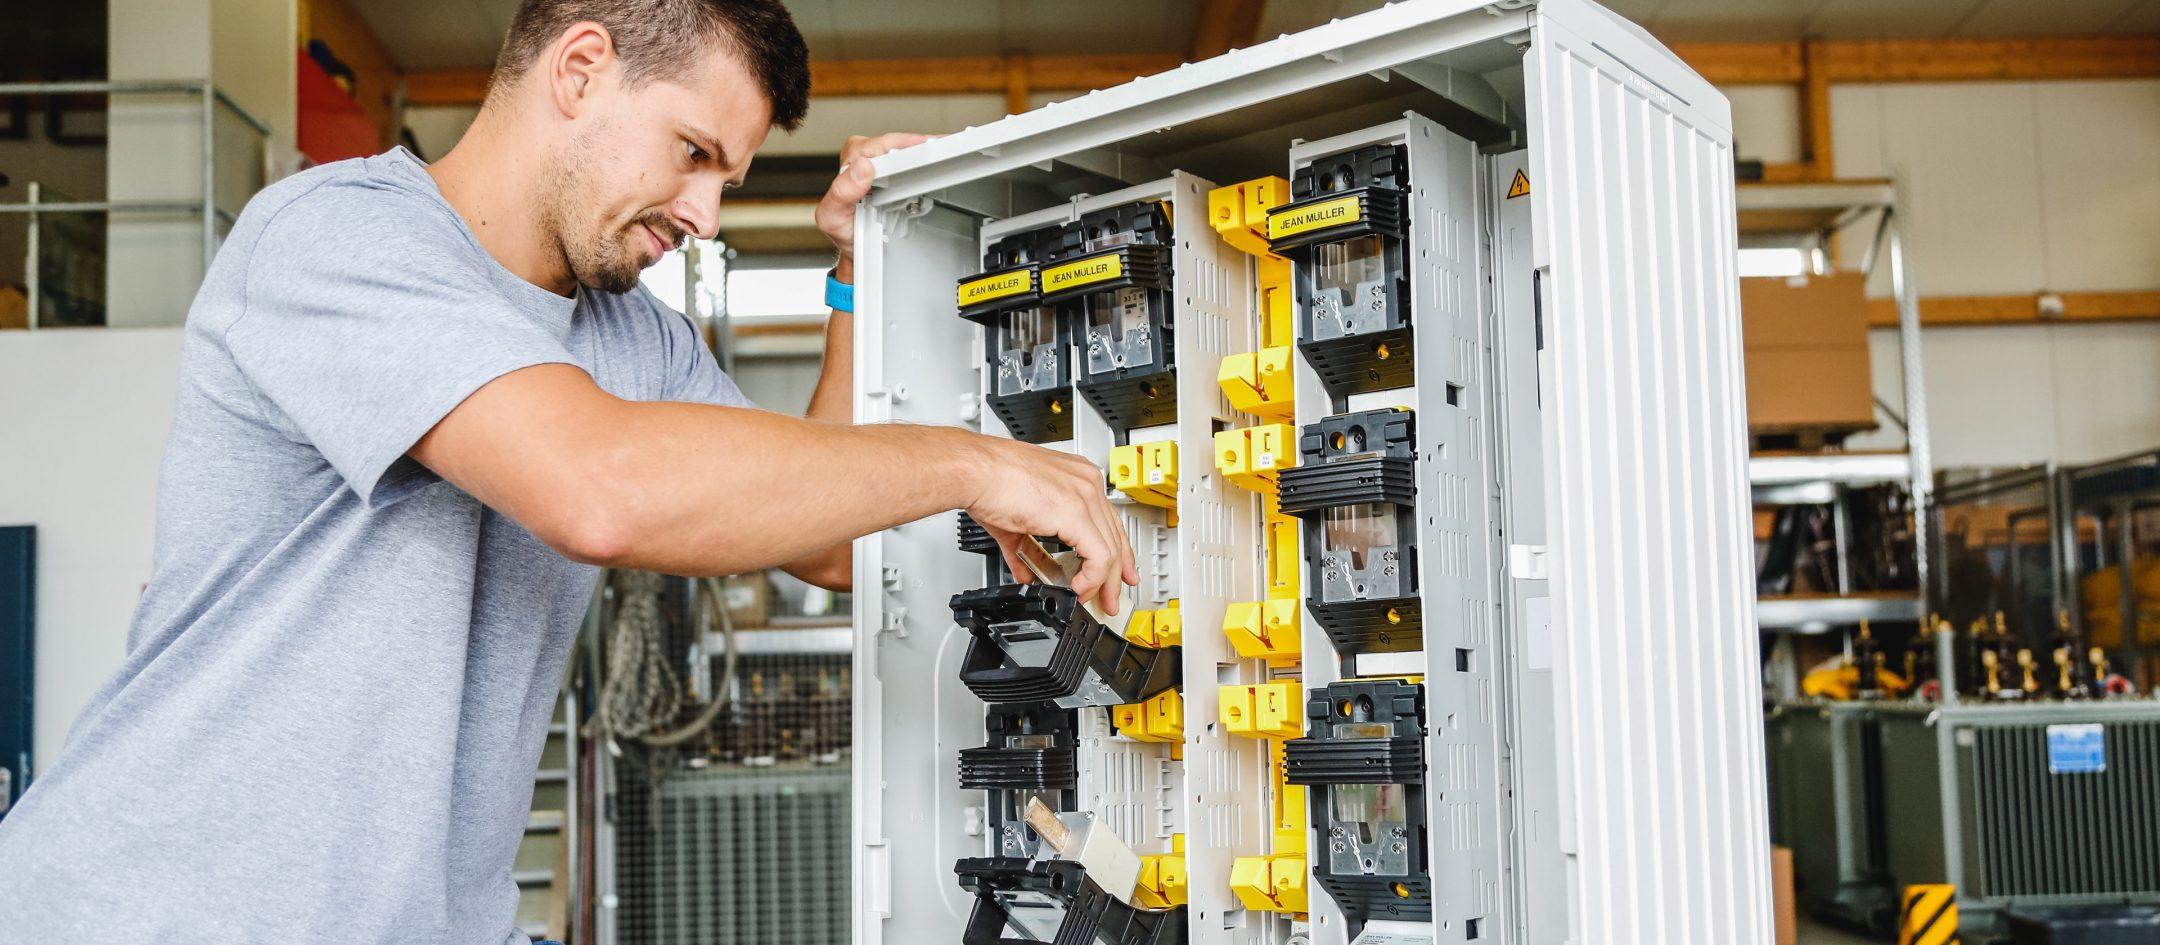 karriere-strom-elektroinstallateur-uezw-energie-netz-3840x1730